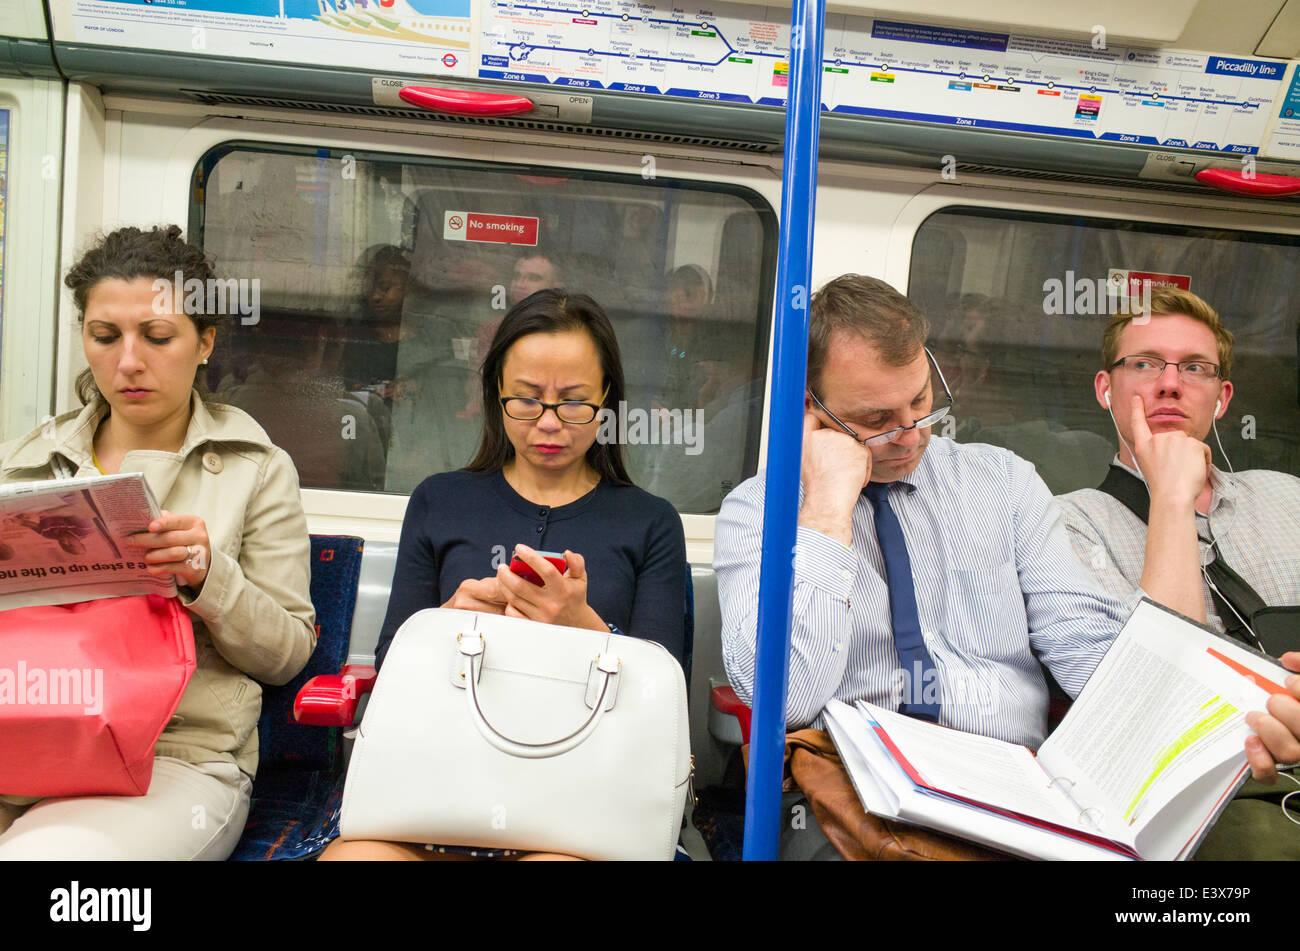 People on the London Underground, UK - Stock Image